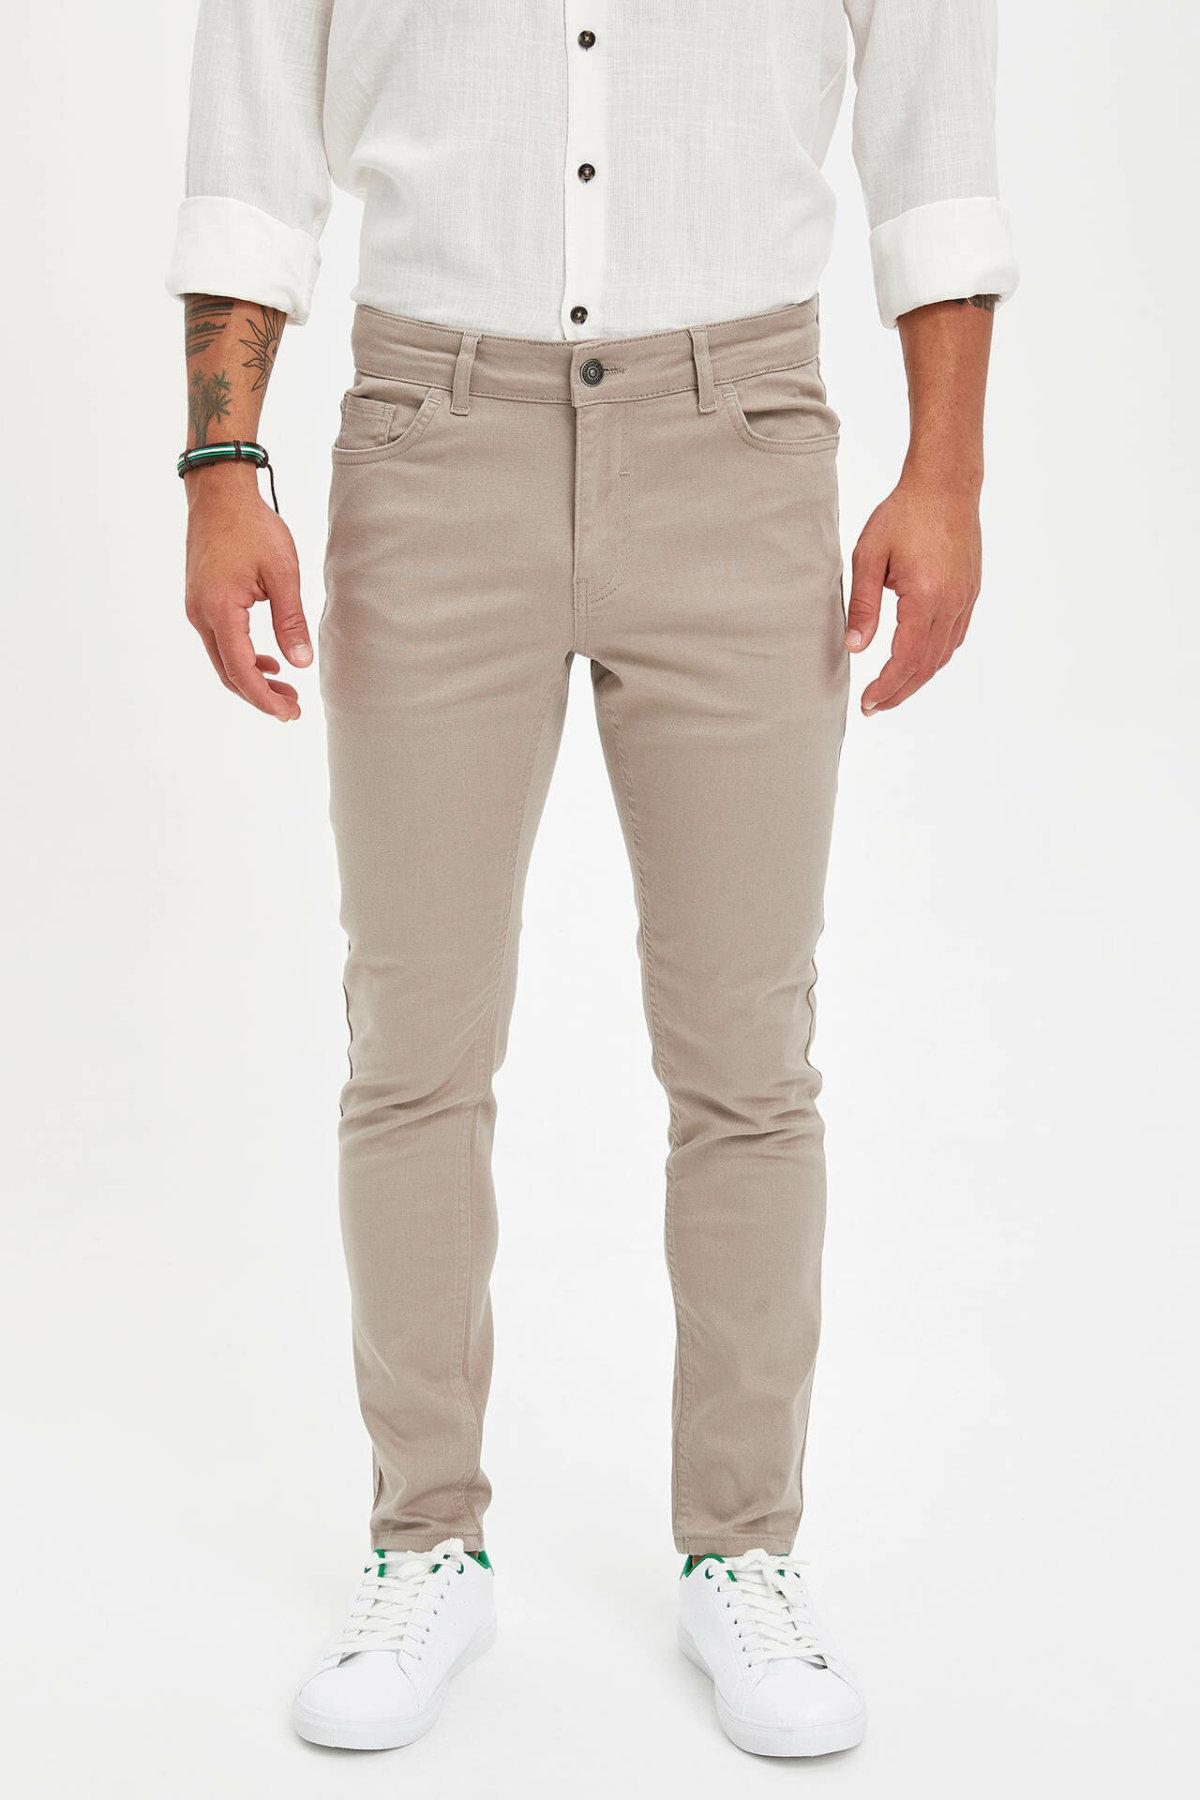 DeFacto Autumn Men Fashion Straight Long Pants For Men's Solid Simple Casual Loose Leisure Trousers Male New - L3222AZ19AU